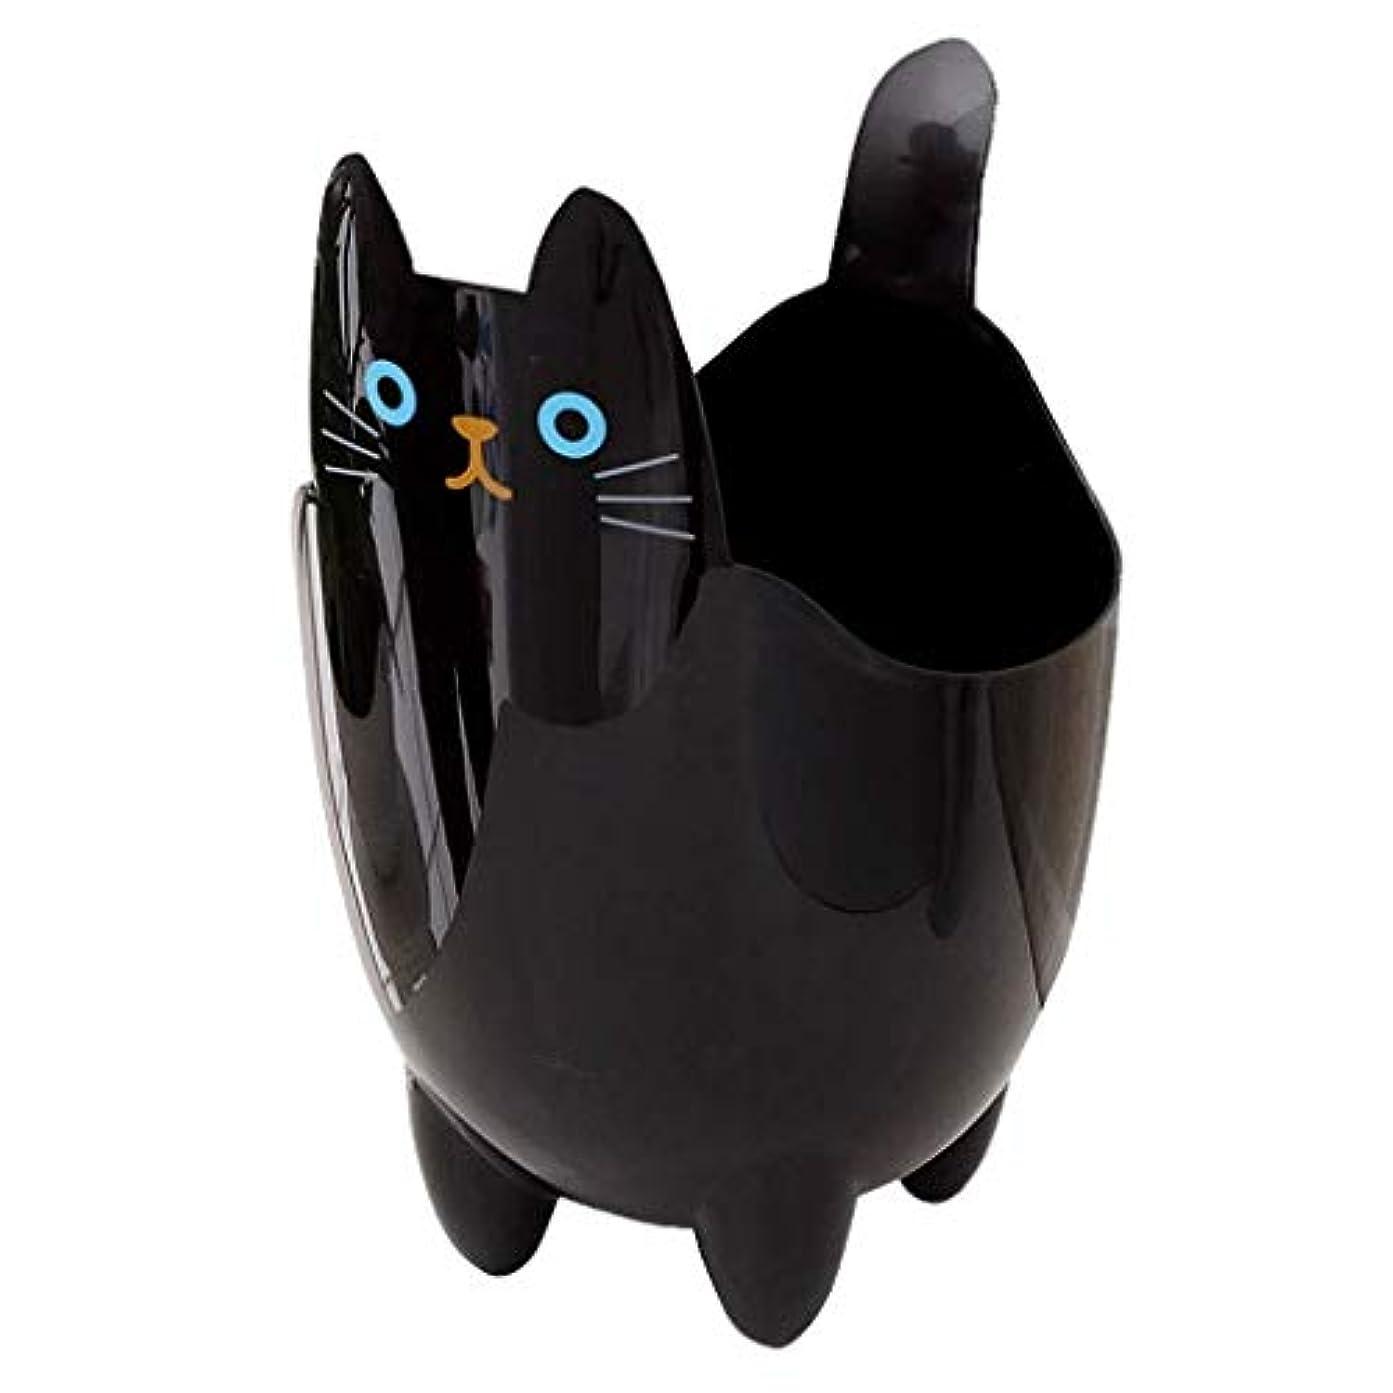 地雷原ブランデー積極的にオフィスの浴室の居間のための創造的な収納収納バケツかわいい猫のゴミ箱 (Color : Black)